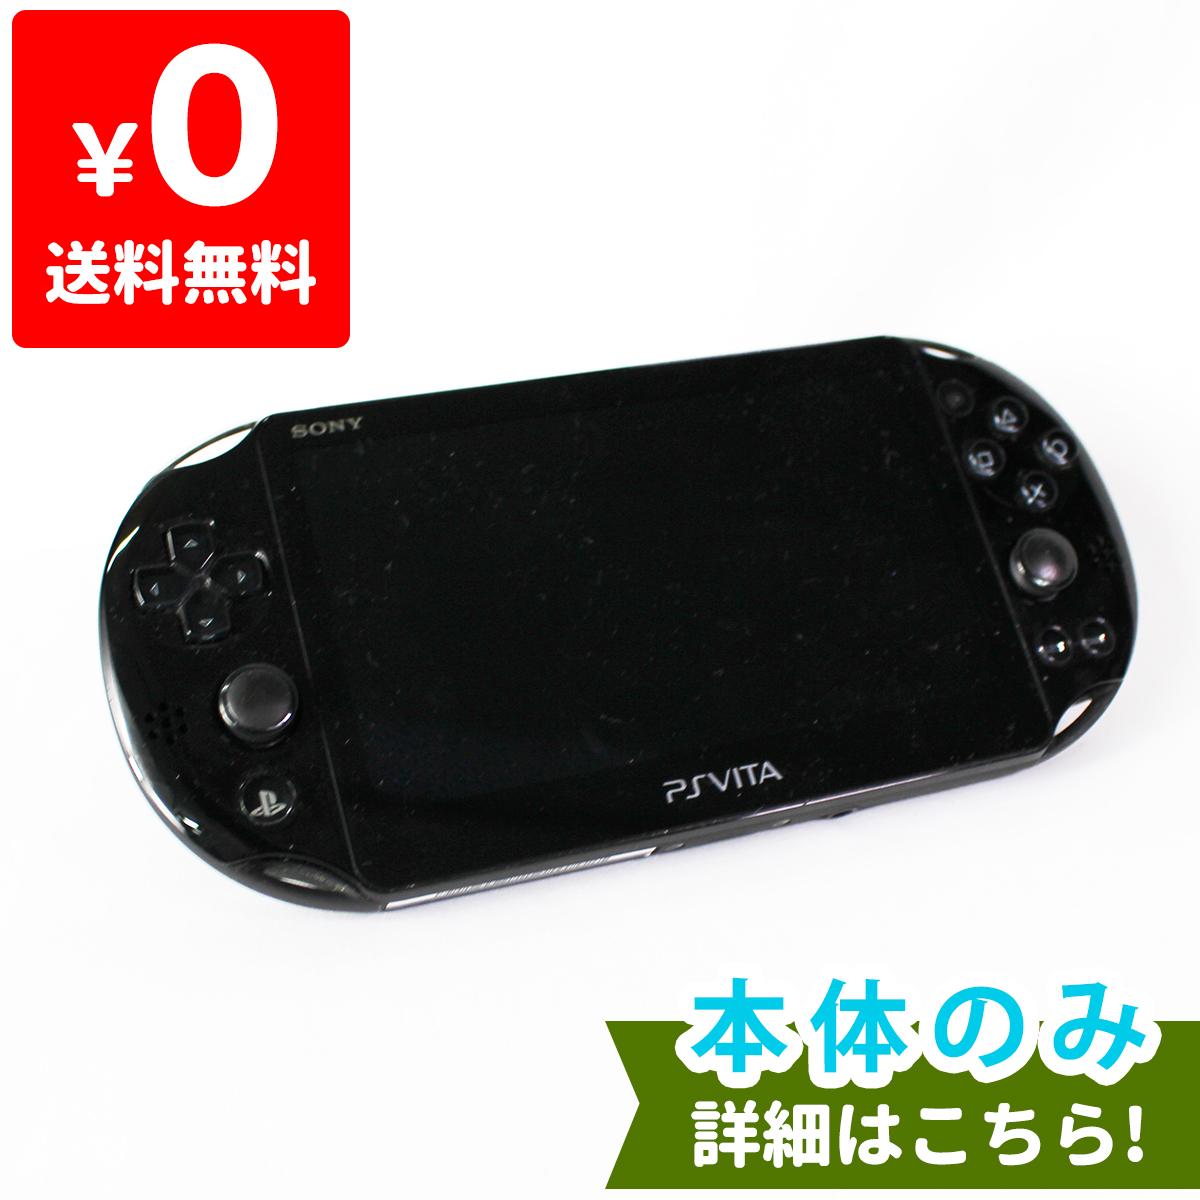 【送料無料】PSVITA PlayStationVita プレイステーションヴィータ 本体 Wi-Fiモデル ブラック PCH-2000ZA11 SONY ゲーム機 中古 4948872413602 【中古】